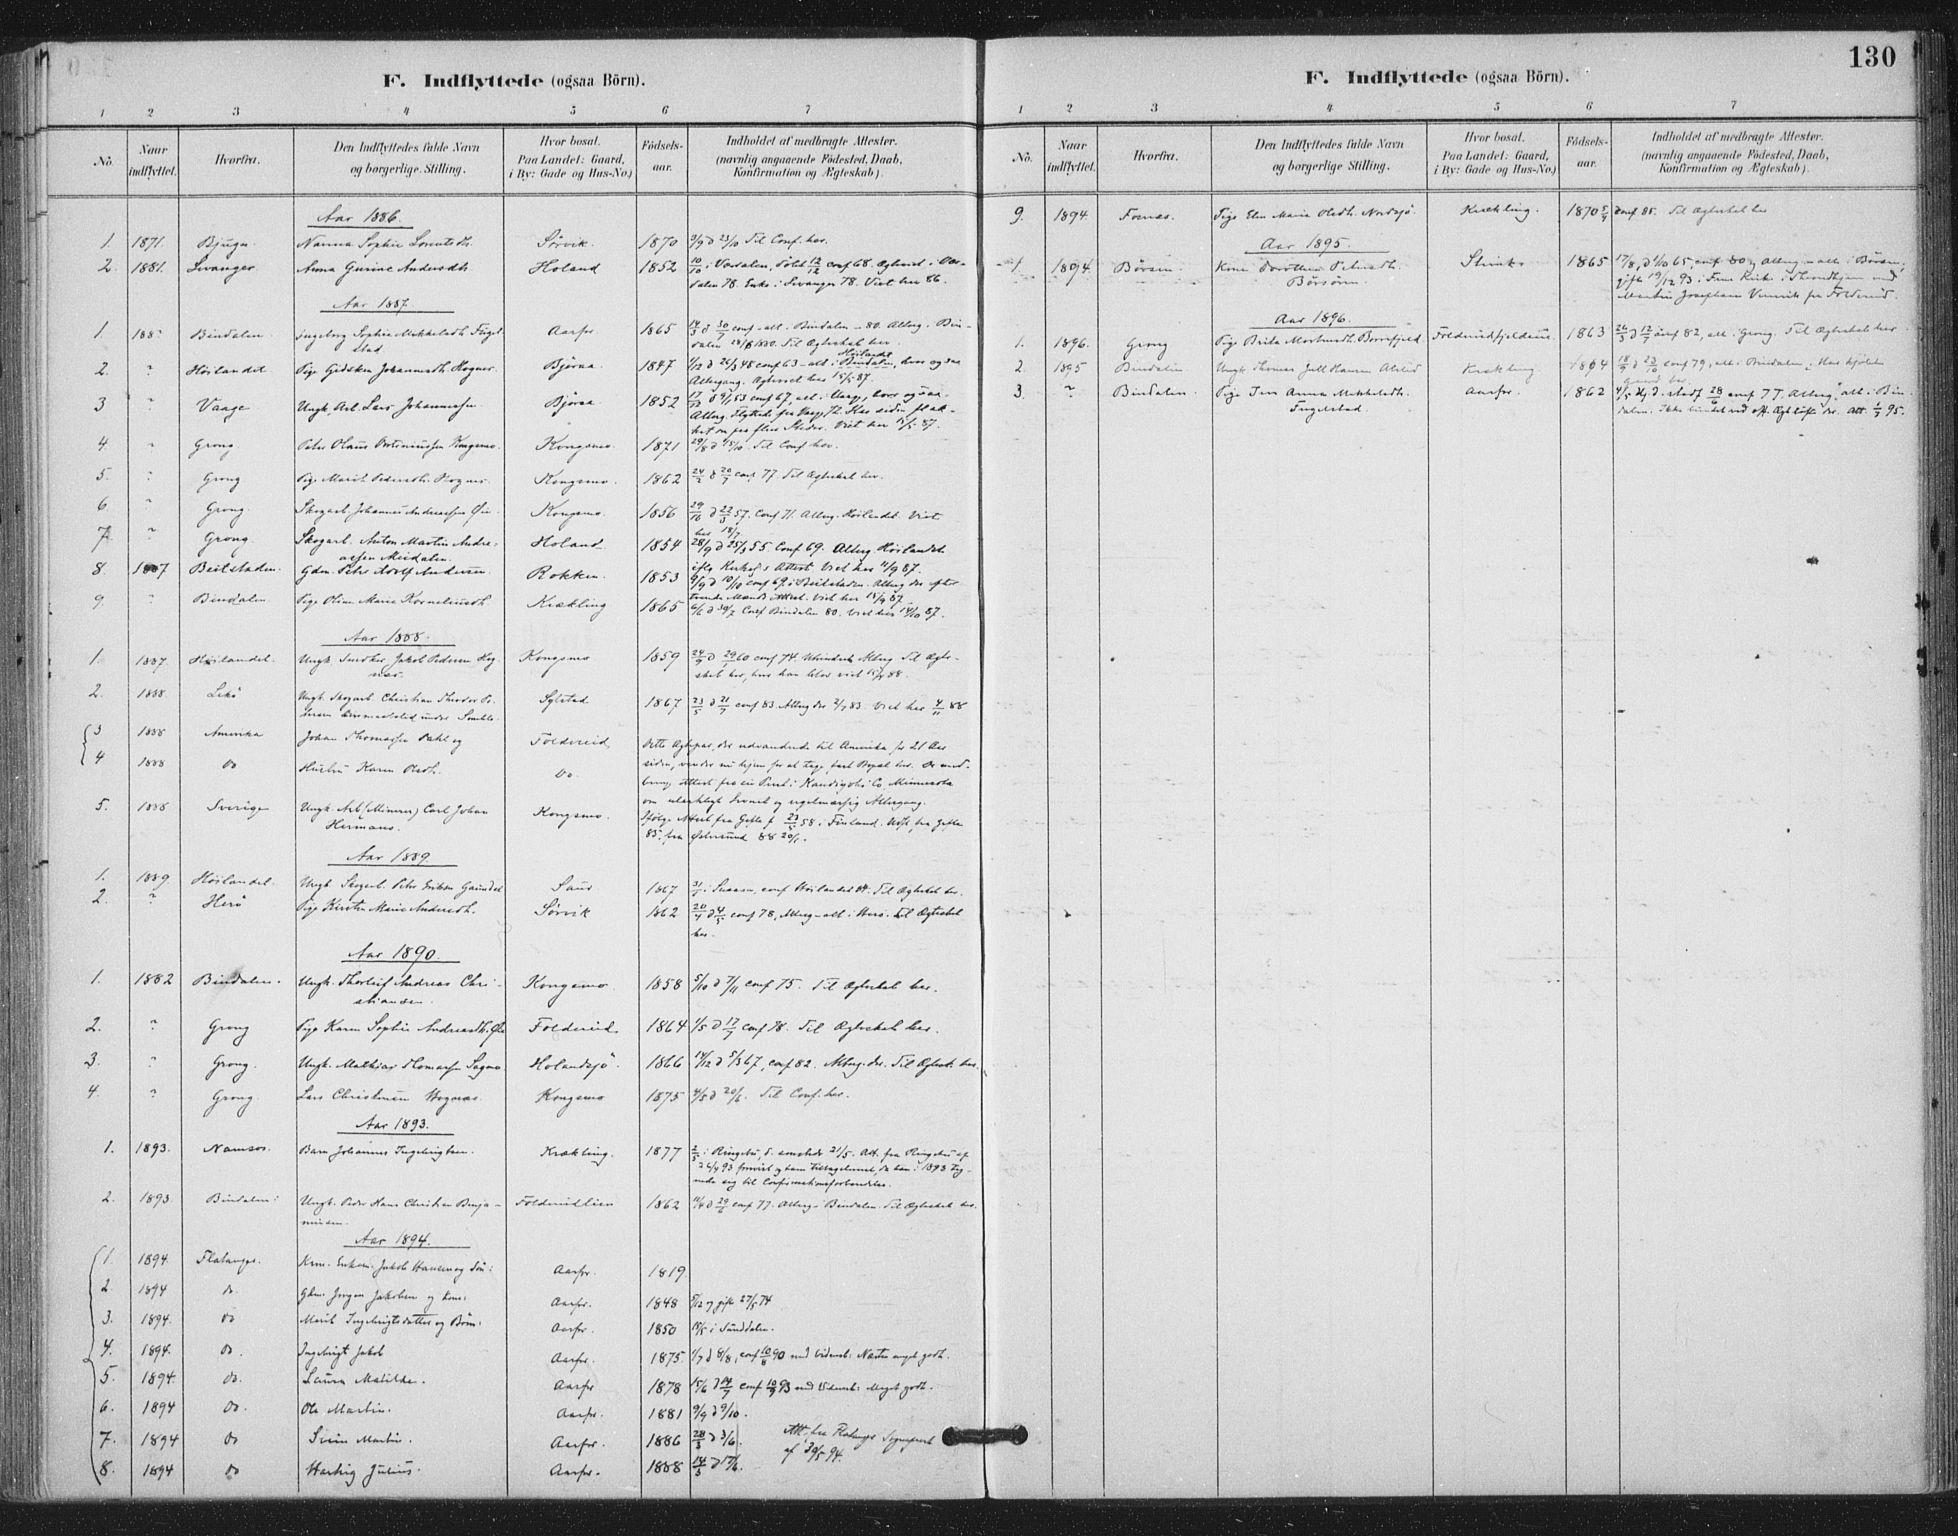 SAT, Ministerialprotokoller, klokkerbøker og fødselsregistre - Nord-Trøndelag, 783/L0660: Ministerialbok nr. 783A02, 1886-1918, s. 130